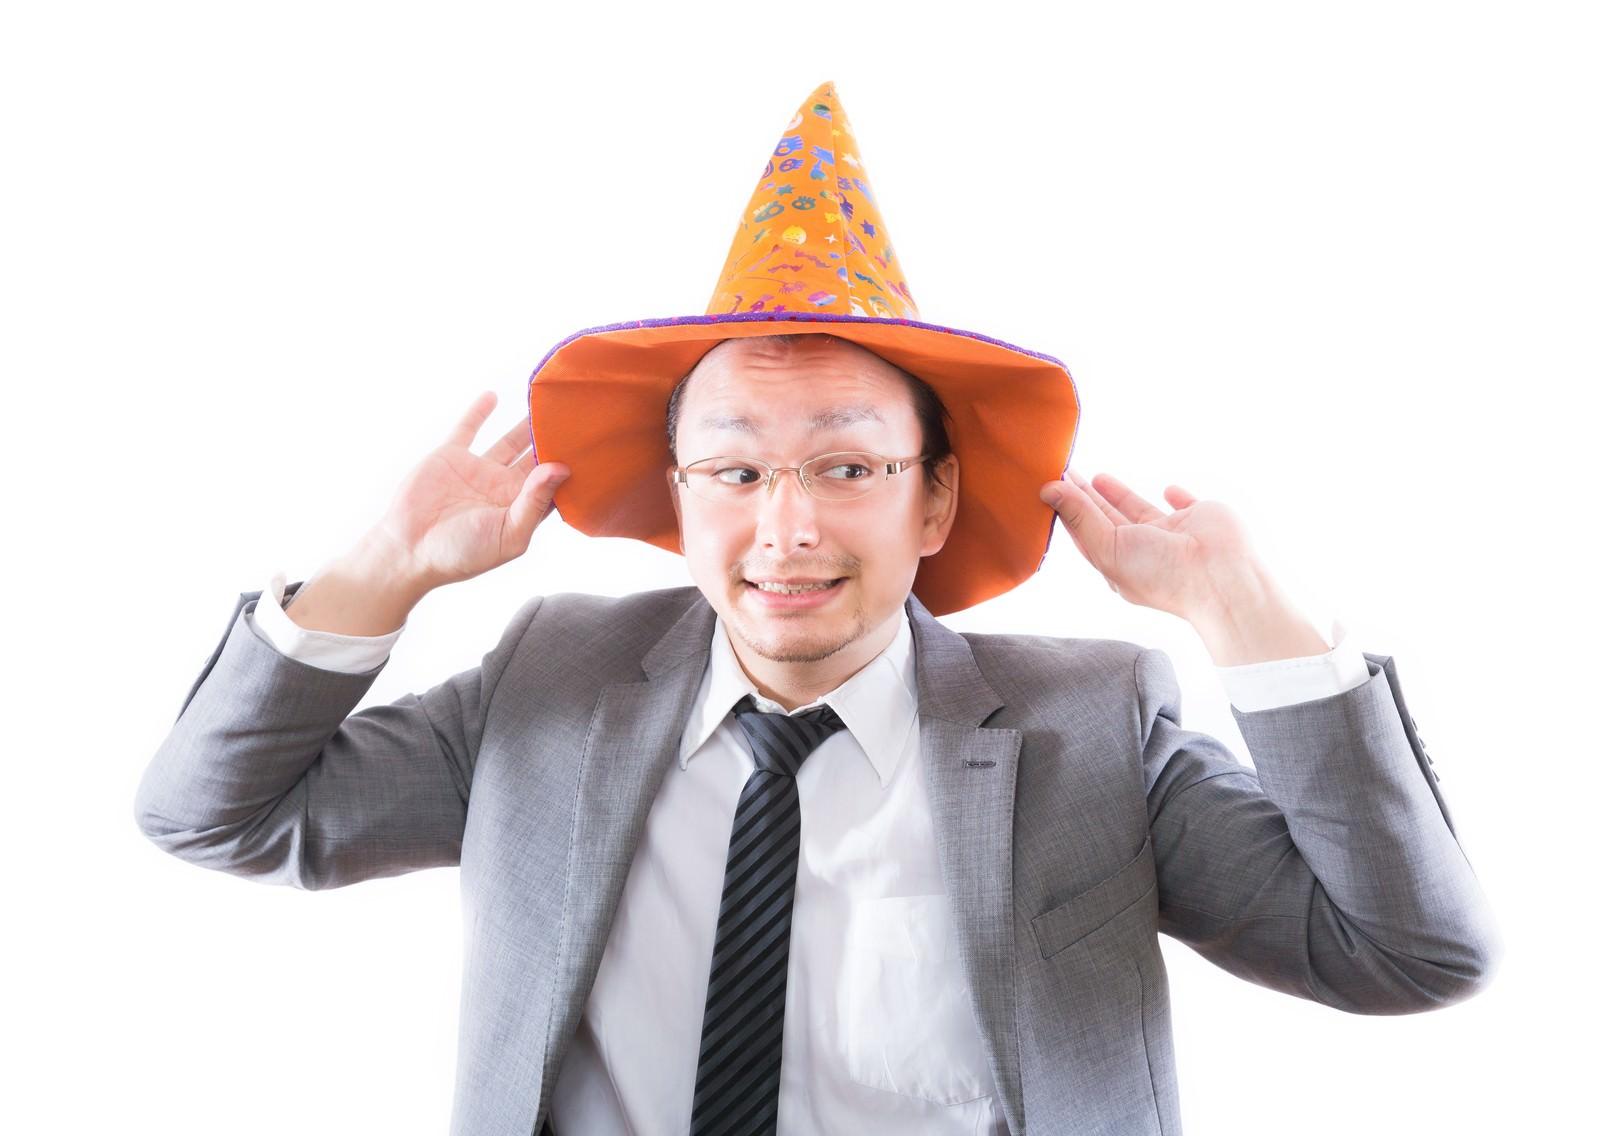 「日本のハロウィン文化に触れハロウィンを部下に強要する外資系サラリーマン」の写真[モデル:Max_Ezaki]